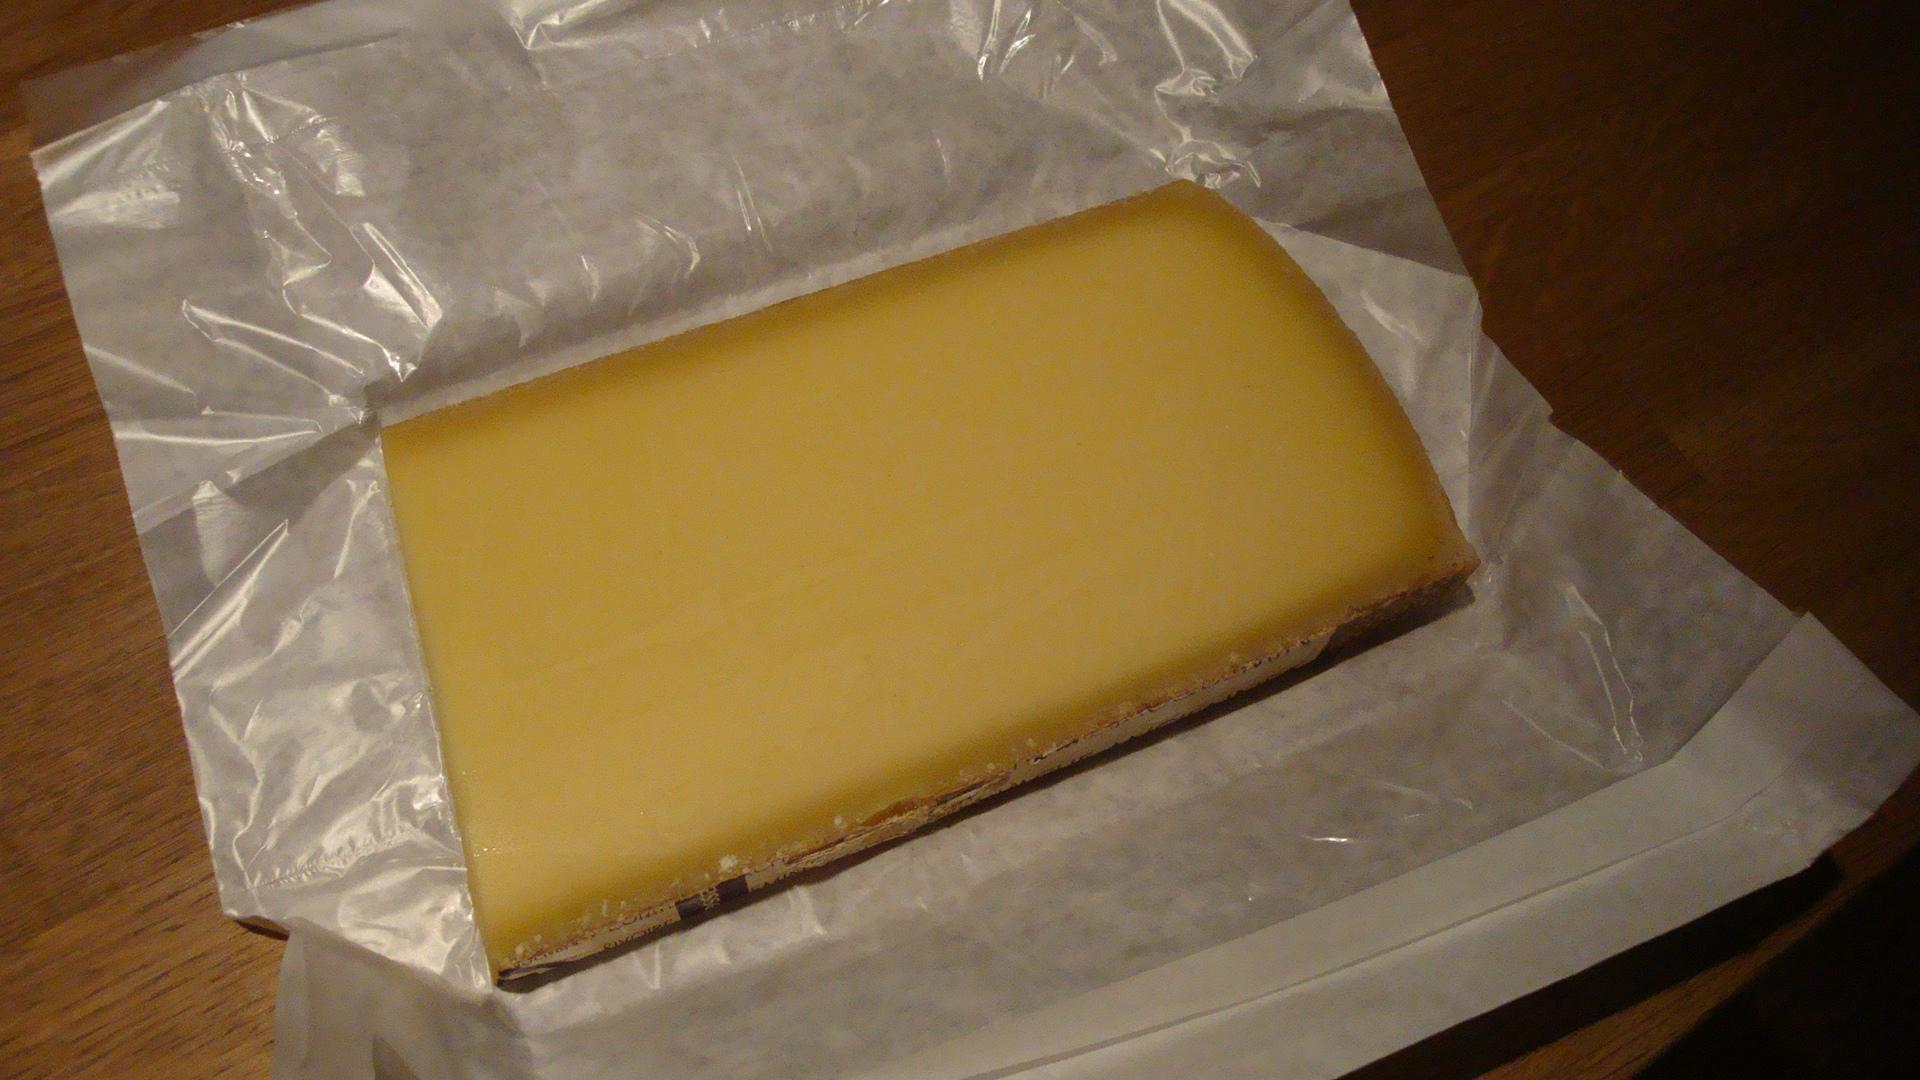 Les fromages de clairette comment bien conserver son fromage les fromages de clairette - Comment faire des conserves en bocaux sans sterilisateur ...